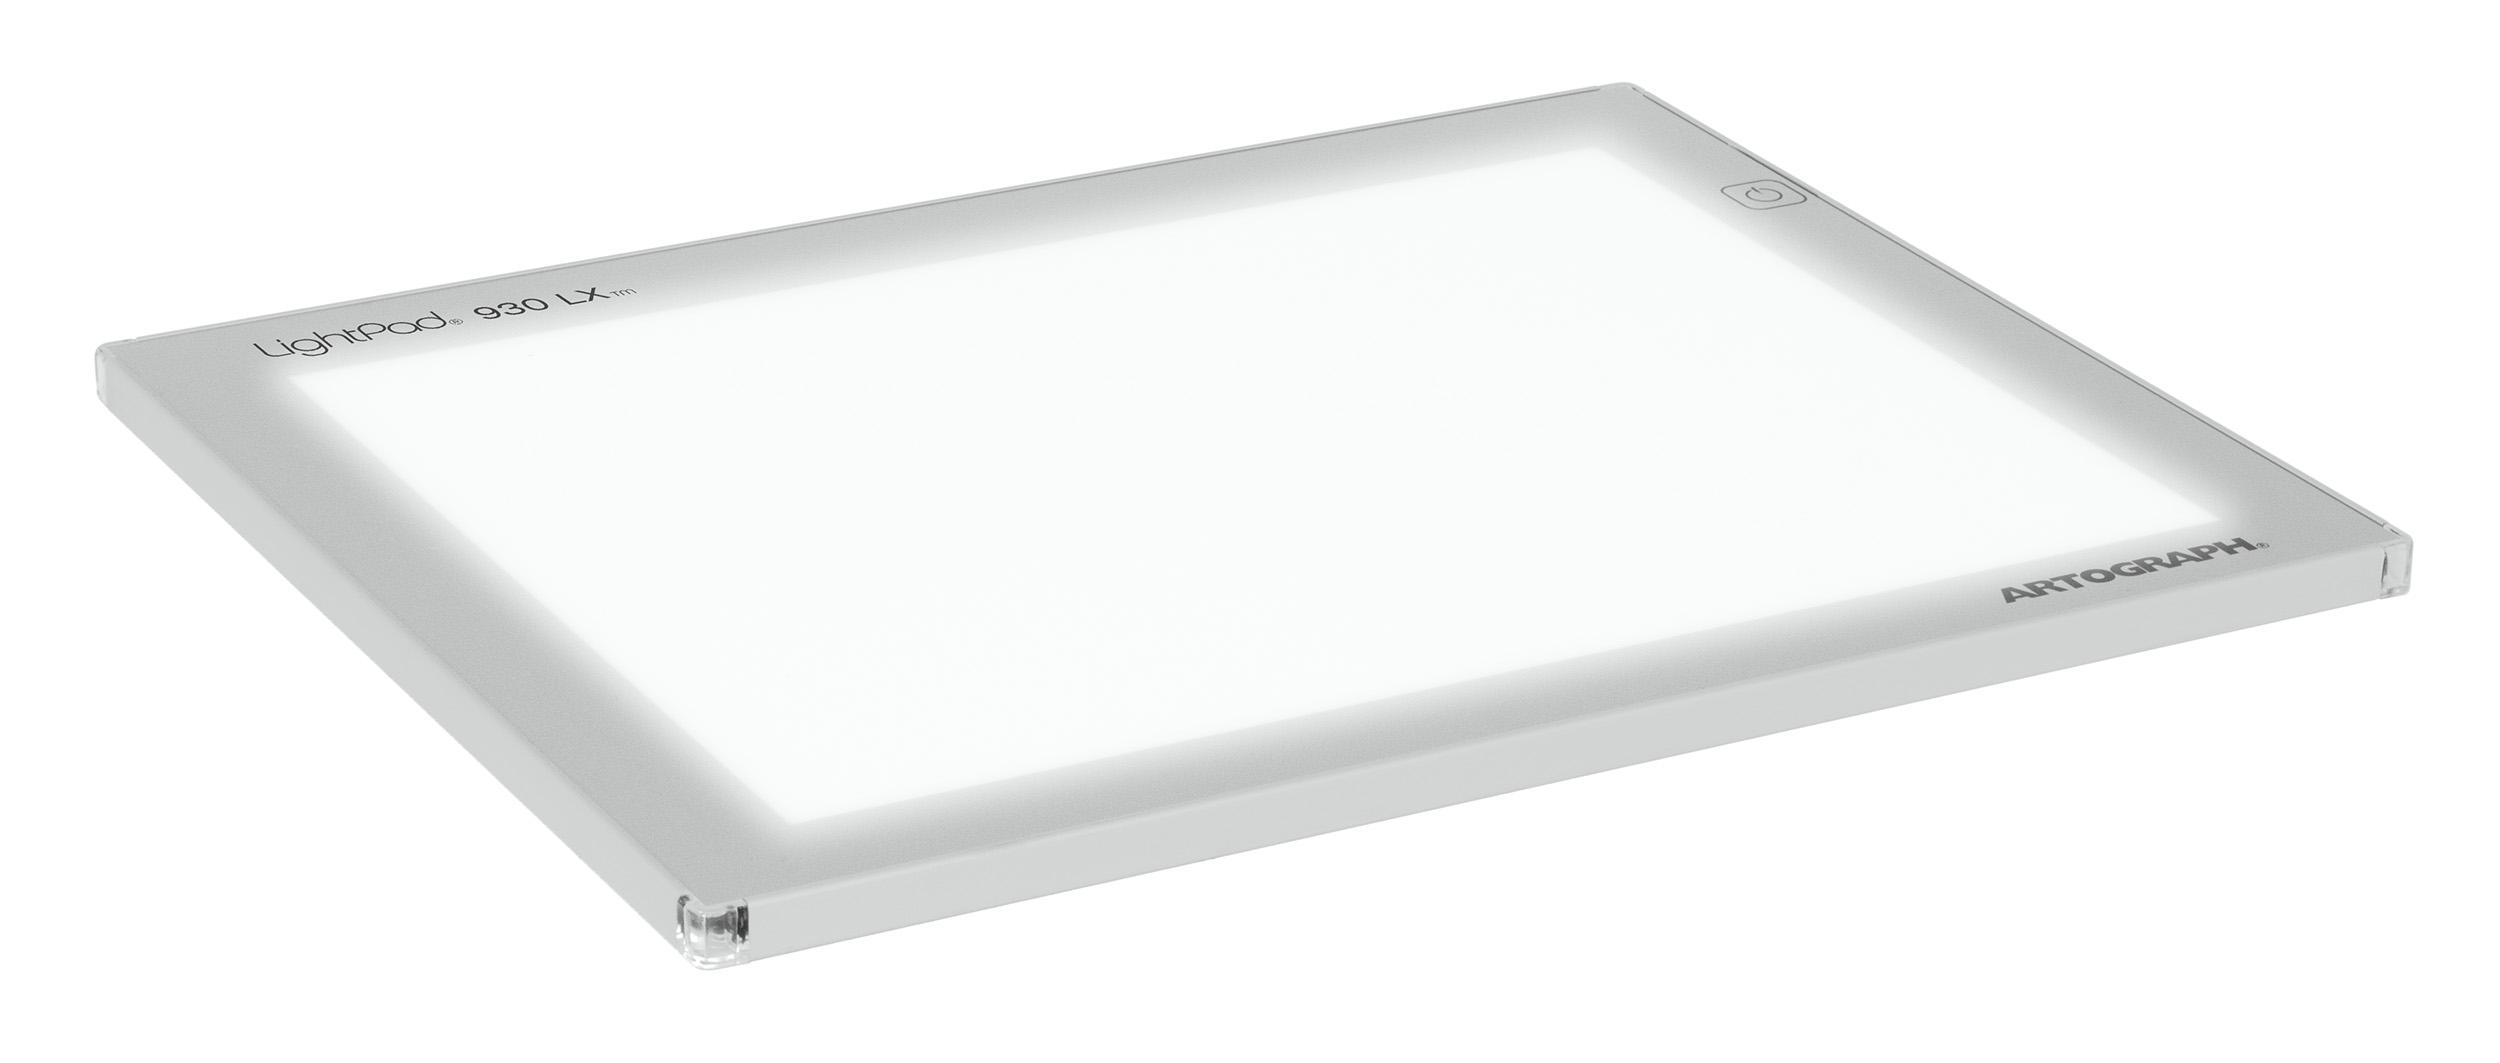 25930-LightPad-930-LX